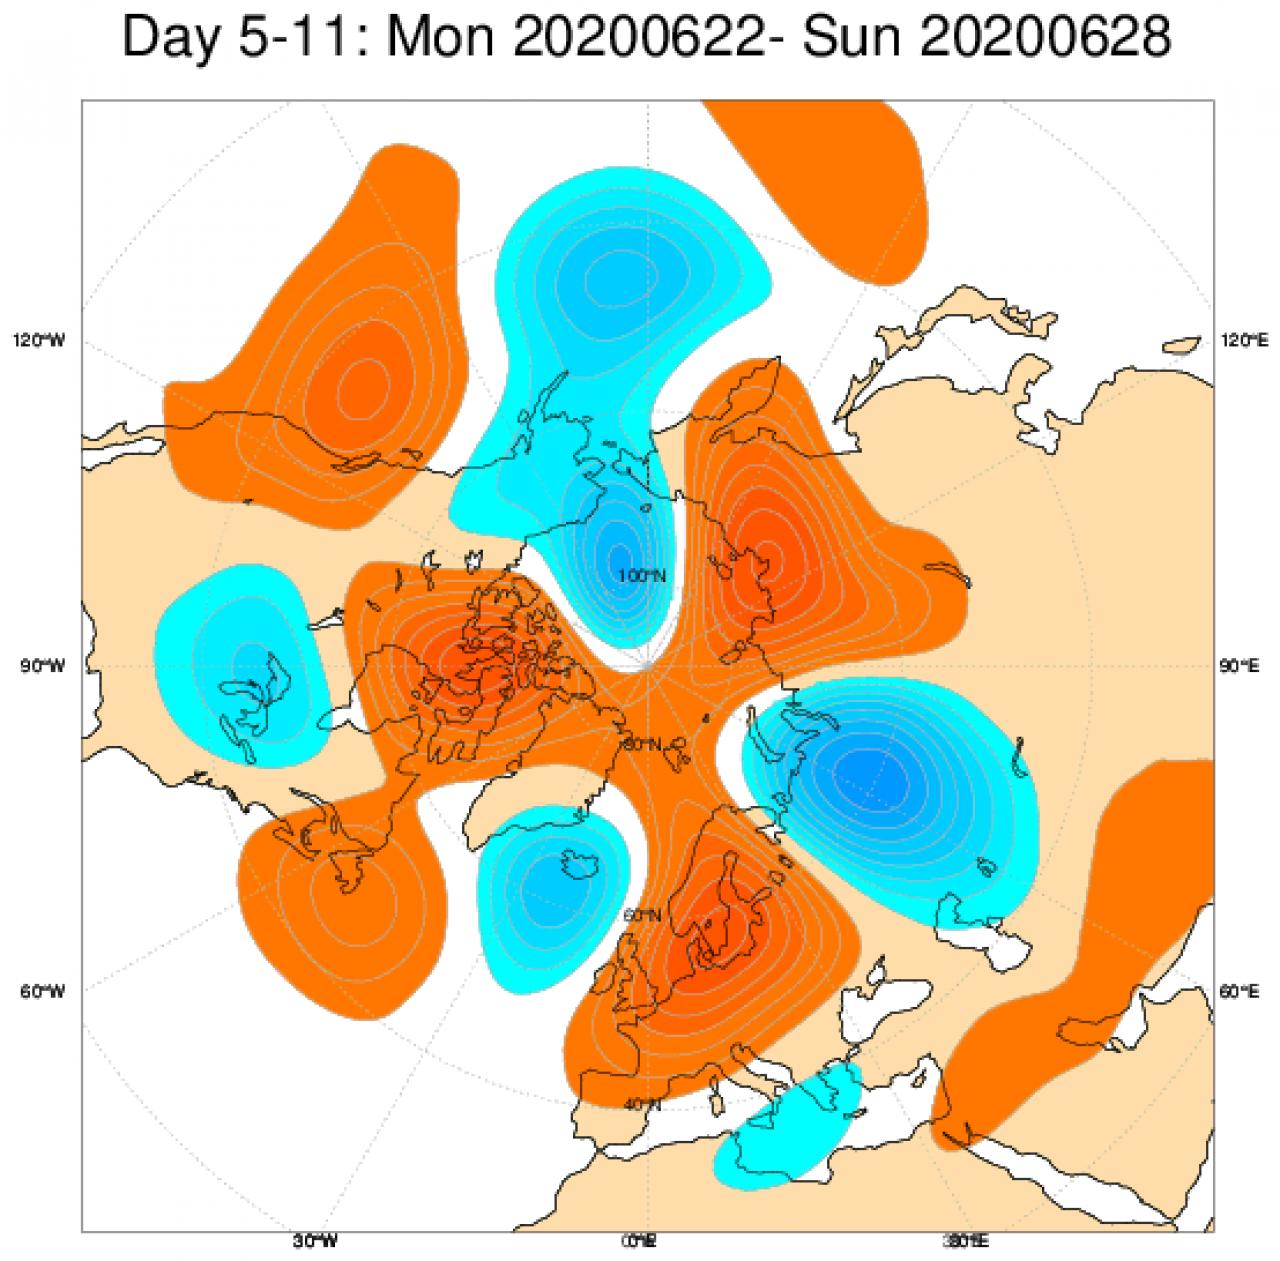 Media di ensemble del modello inglese ECMWF relativa all'anomalia di Altezza di Geopotenziale a 500 hPa (circa 5.500 metri) per il periodo 22-28 giugno 2020